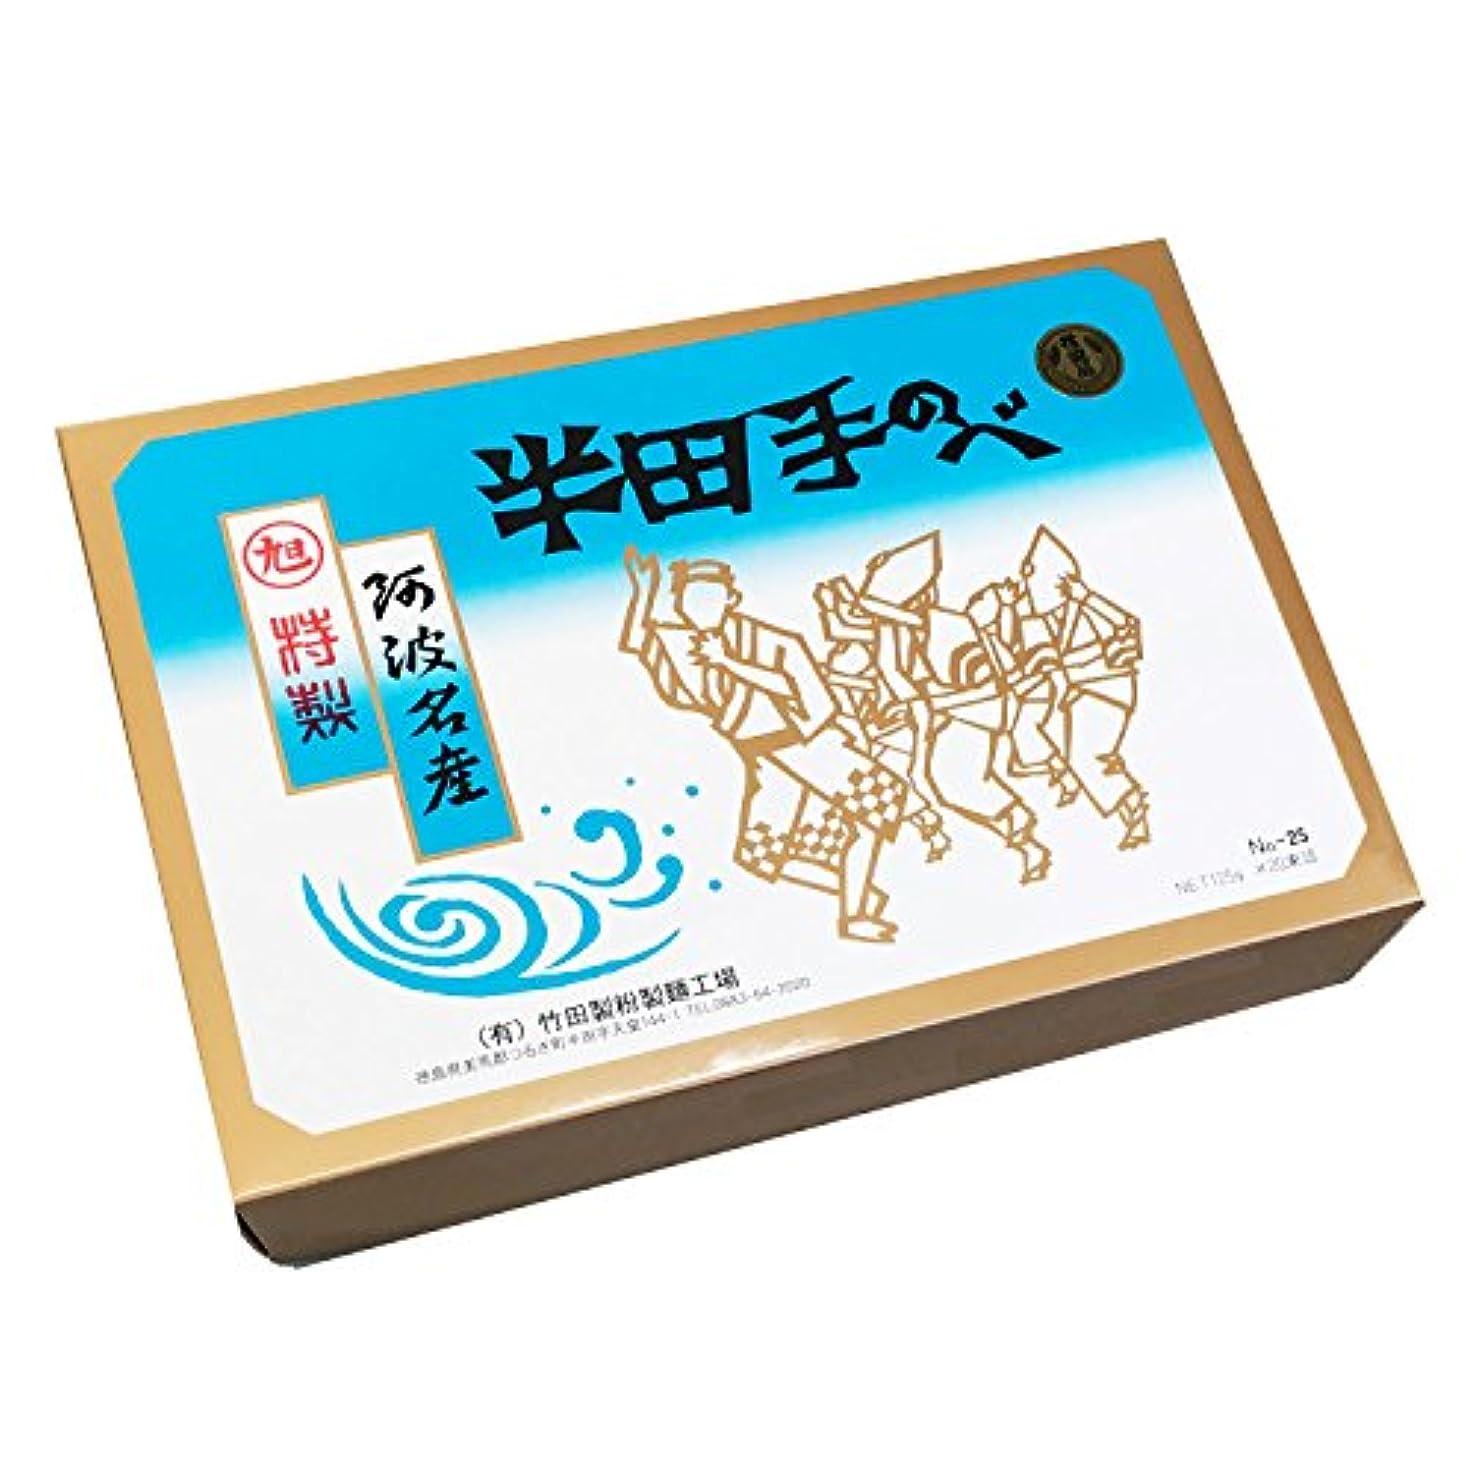 ウィンク絶望的な夜半田手延べそうめん 2.5kg (125g×20束入り) 竹田製麺